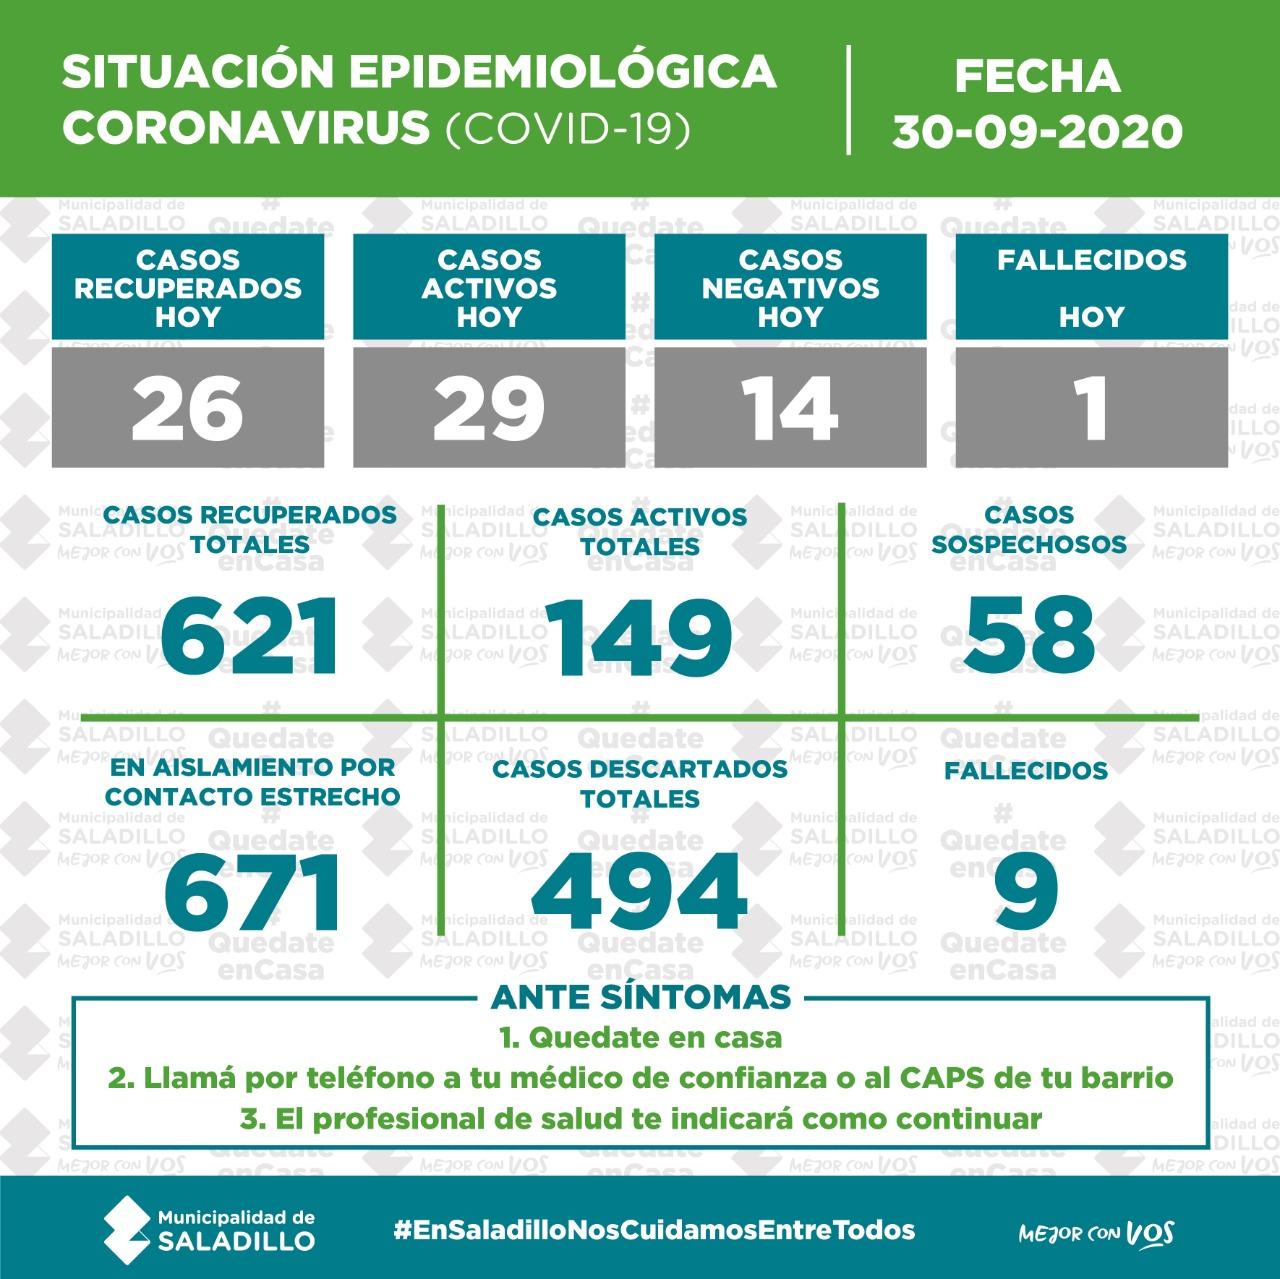 SITUACIÓN EPIDEMIOLÓGICA EN SALADILLO al 30/09/2020